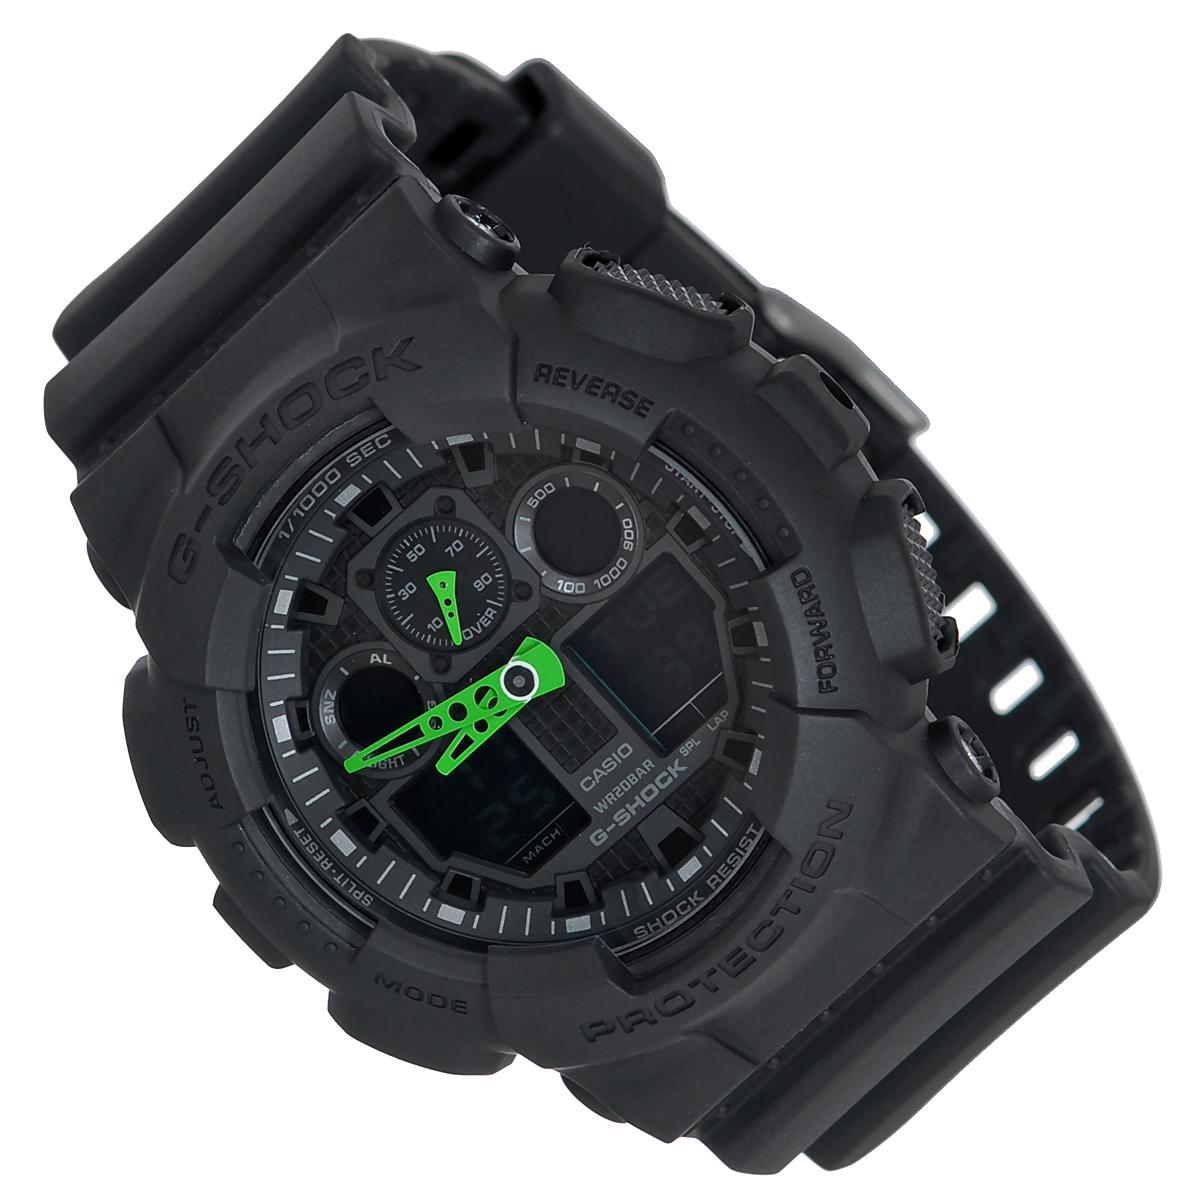 Часы мужские наручные Casio G-Shock, цвет: черный. GA-100C-1A3JTZ2145 Dark blueСтильные часы G-Shock от японского брэнда Casio - это яркий функциональный аксессуар для современных людей, которые стремятся выделиться из толпы и подчеркнуть свою индивидуальность. Часы выполнены в спортивном стиле. Корпус имеет ударопрочную конструкцию, защищающую механизм от ударов и вибрации. Циферблат подсвечивается светодиодной автоматической подсветкой. Функция автоподсветки освещает циферблат при повороте часов к лицу. Ремешок из мягкого пластика имеет классическую застежку.Основные функции: -5 будильников, один с функцией Snooze, ежечасный сигнал; -автоматический календарь (число, месяц, день недели, год); -сплит-хронограф; -измерение скорости и расстояния; -секундомер с точностью показаний 1/1000 с, время измерения 100 часов; -12-ти и 24-х часовой формат времени; -таймер обратного отсчета от 1 мин до 24 ч с автоповтором; -мировое время.Часы упакованы в фирменную коробку с логотипом Casio. Такой аксессуар добавит вашему образу стиля и подчеркнет безупречный вкус своего владельца.Характеристики: Диаметр циферблата: 3,6 см.Размер корпуса: 5,5 см х 5,1 см х 1,7 см.Длина ремешка (с корпусом): 25 см.Ширина ремешка: 2,2 см. STAINLESS STELL BACK JAPAN MOVT EL CASED IN CHINA.